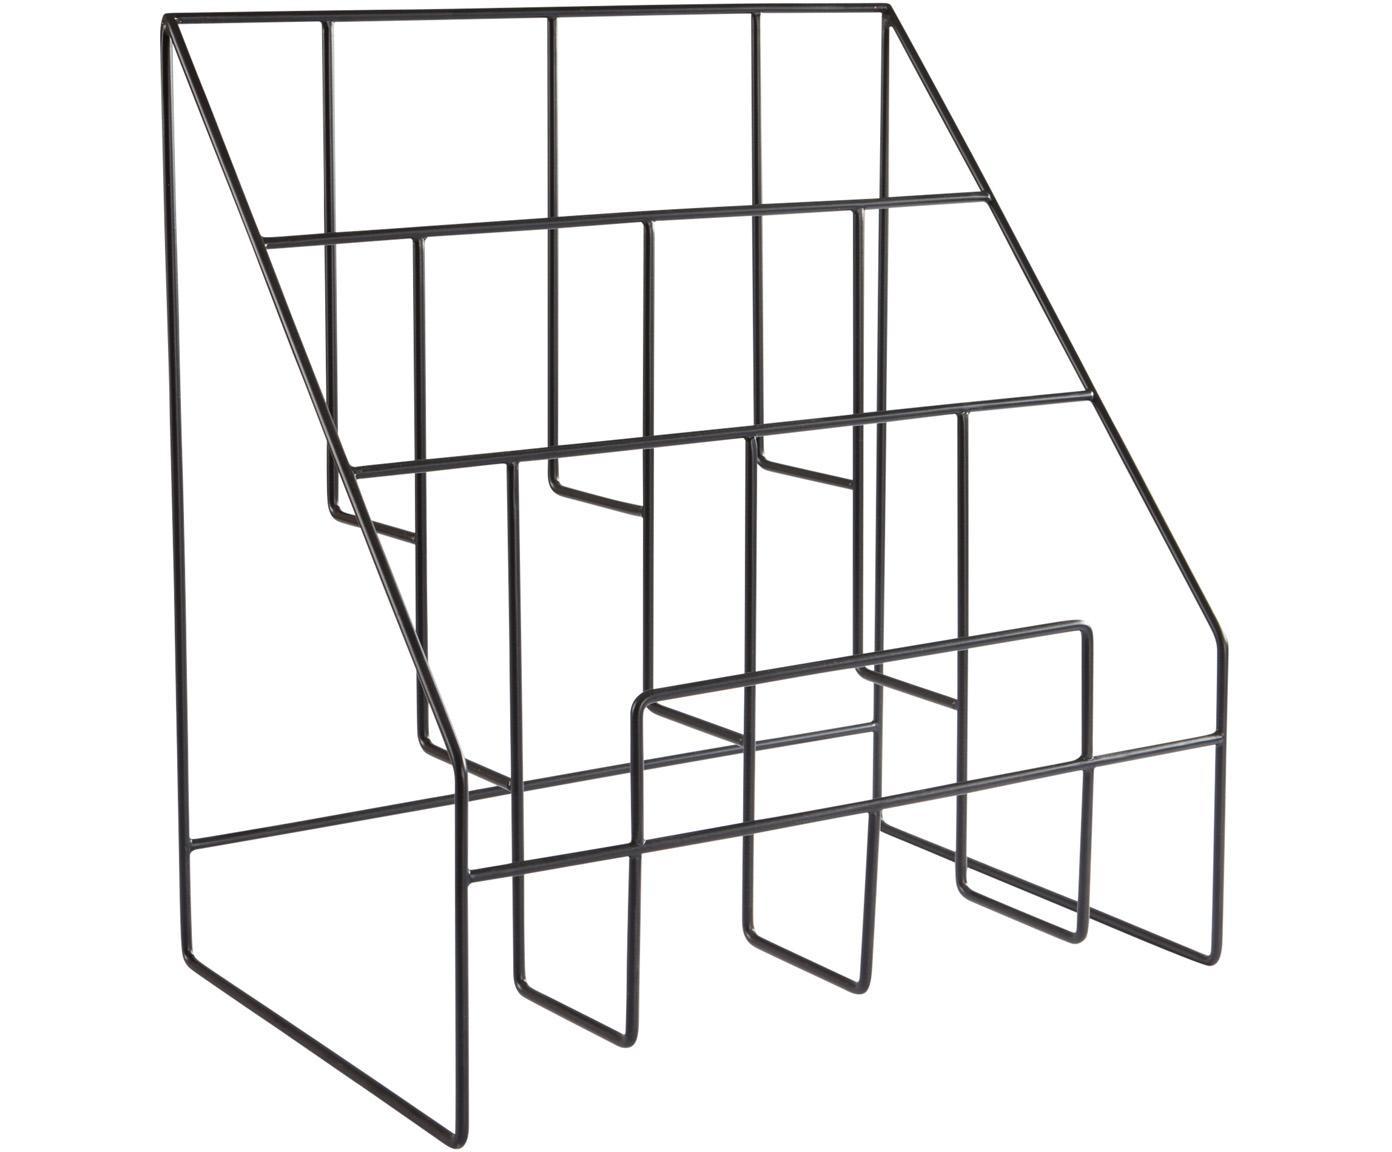 Zeitschriftenhalter Freddy, Metall, lackiert, Schwarz, 38 x 41 cm